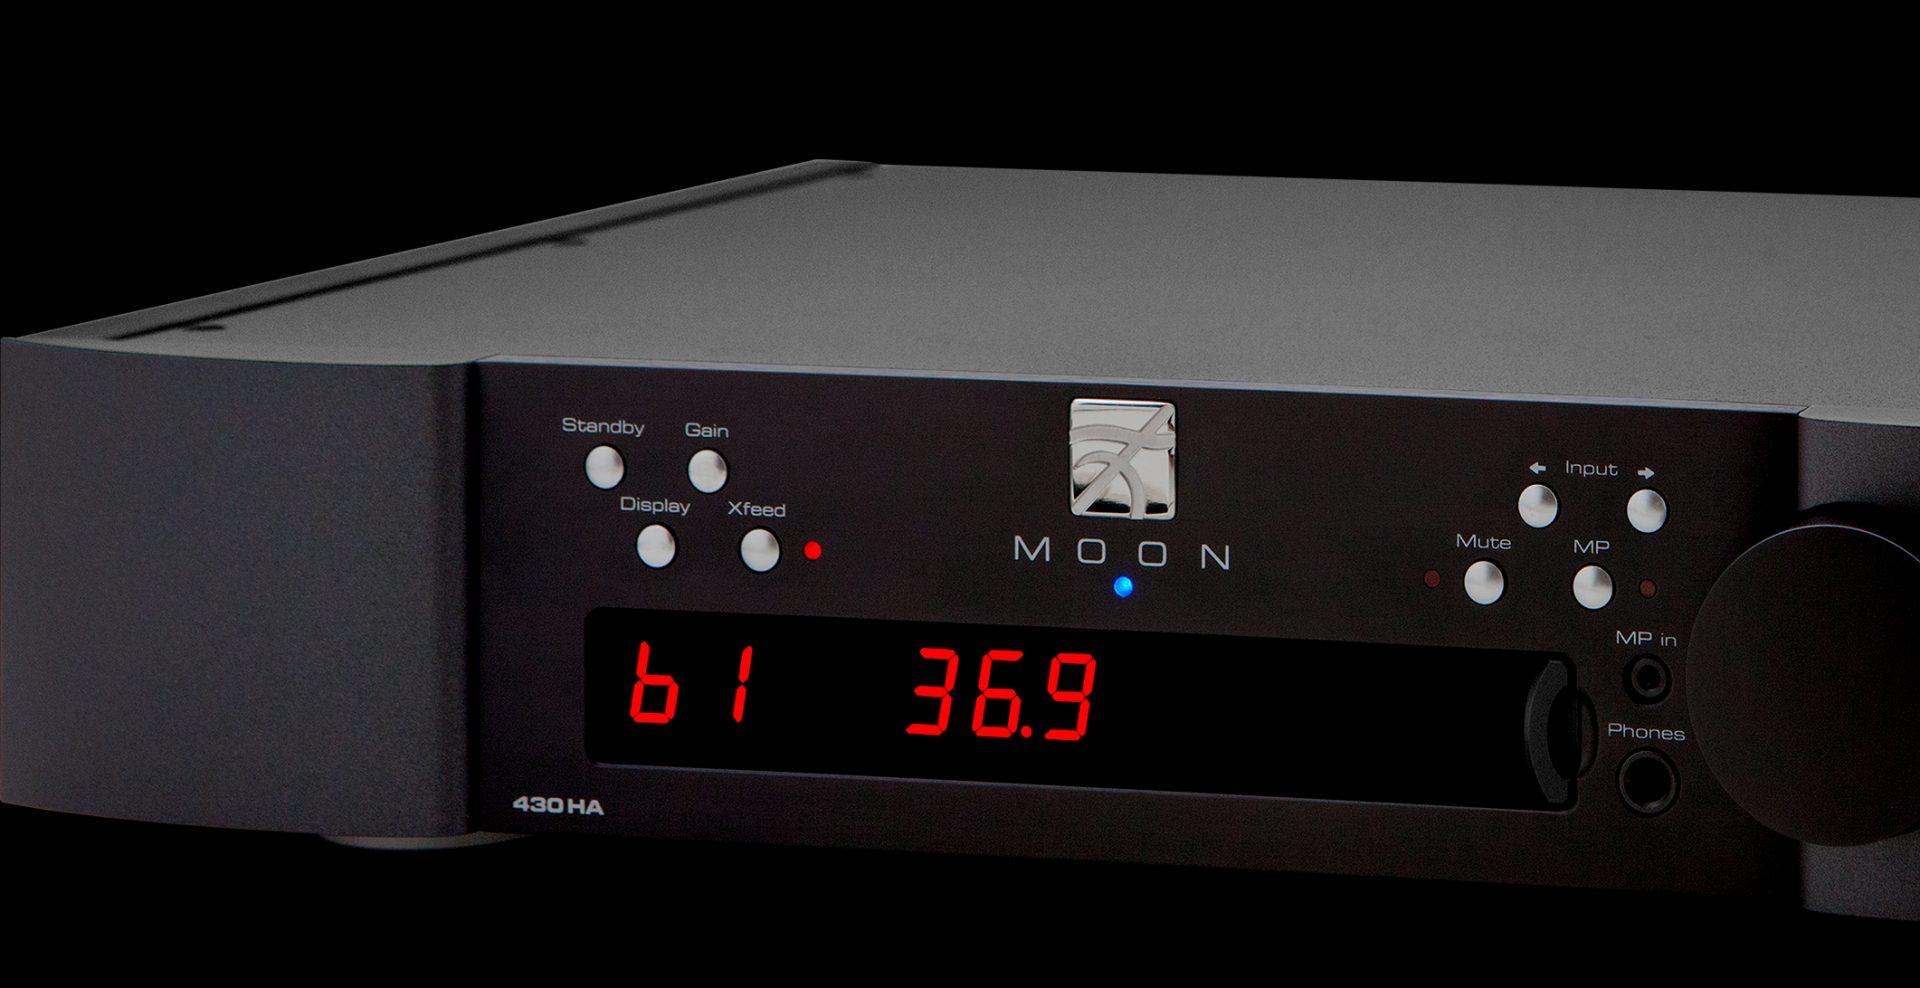 430HA Amplificateur de casque d'écoute - Moon Simaudio